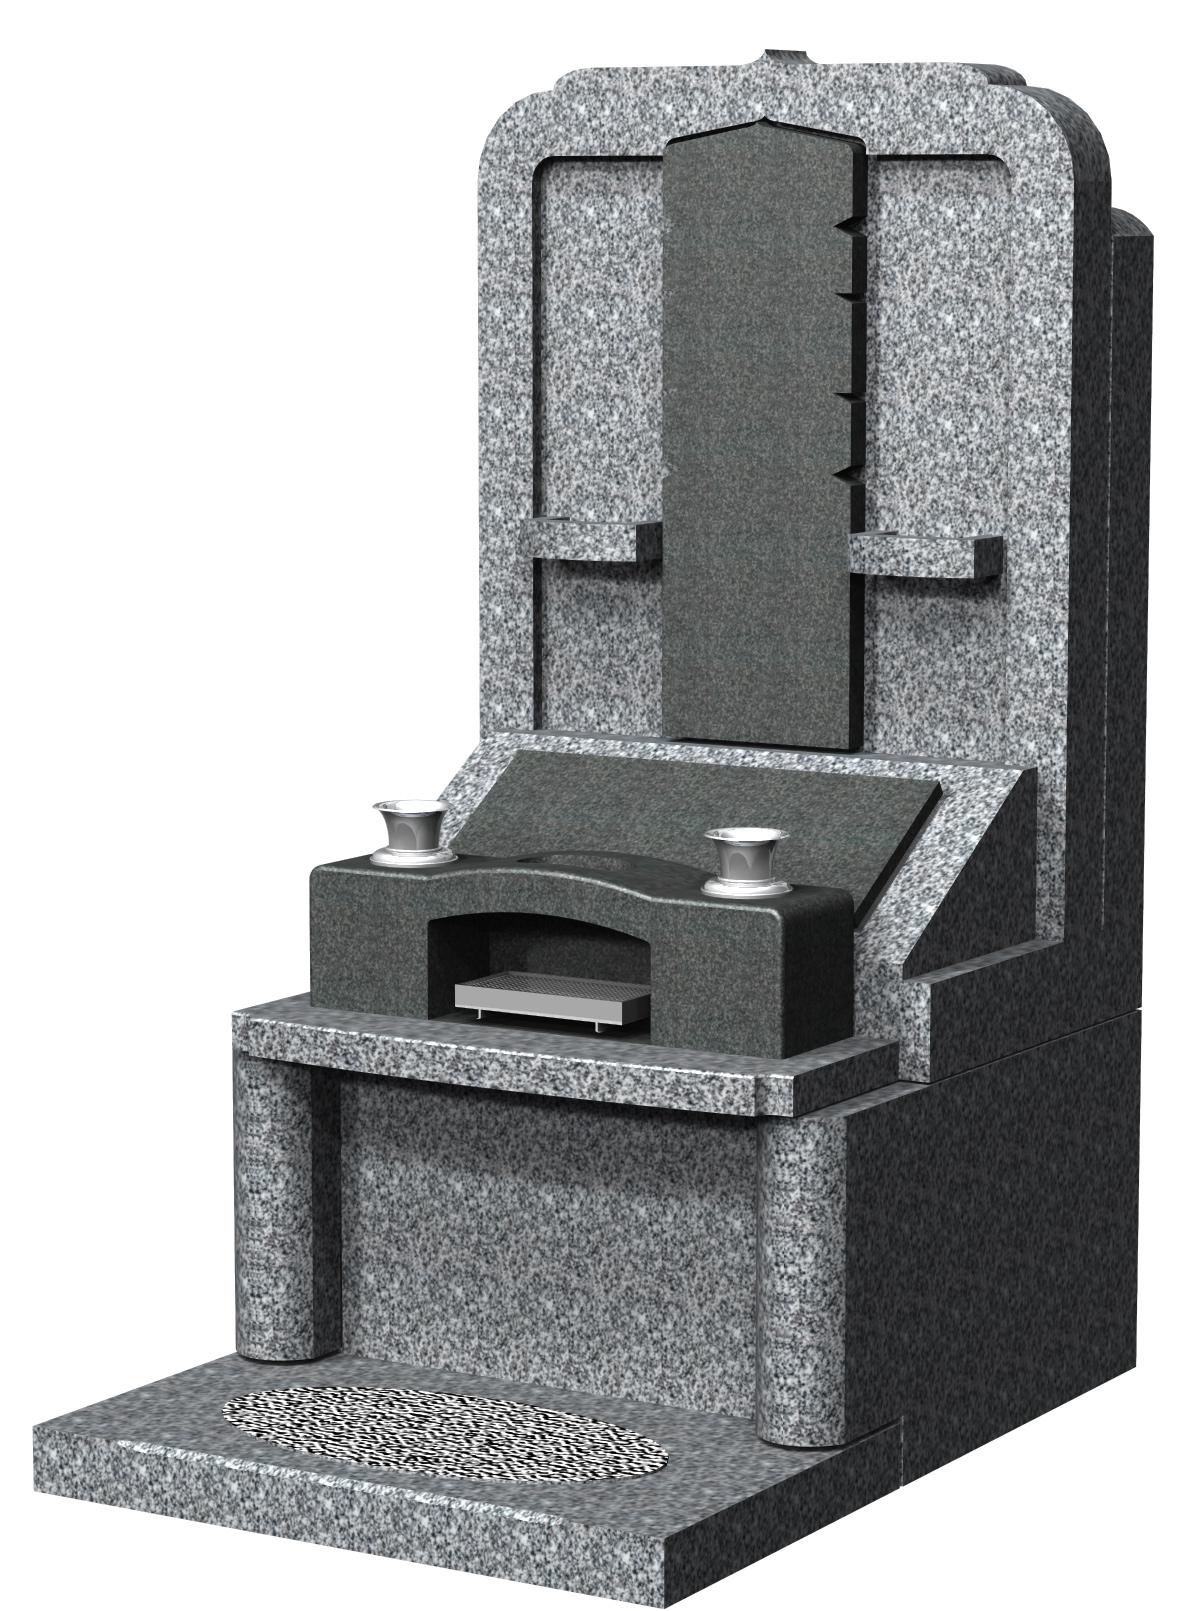 レンタル墓地・ロッカー式納骨室個別納骨室「ごえん特別区」